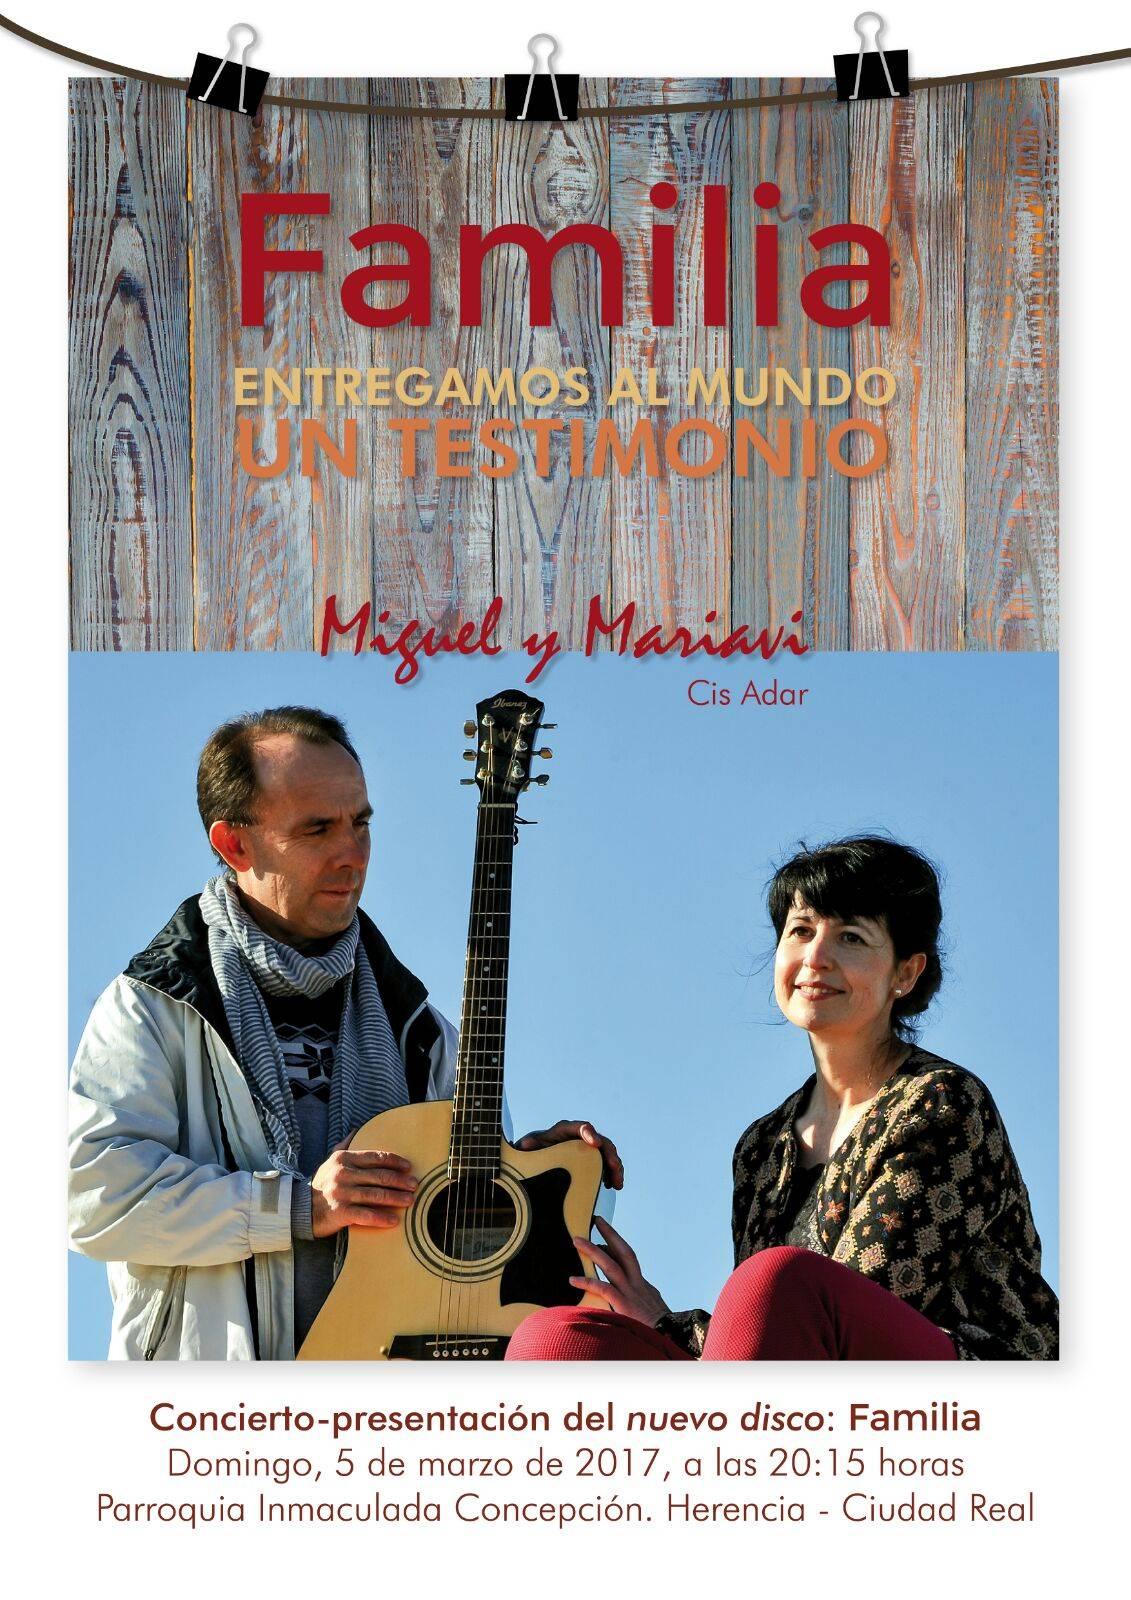 Concierto presentación Familia cuarto disco de Cis Adar - Cis Adar presenta su cuarto disco en la parroquia de Herencia